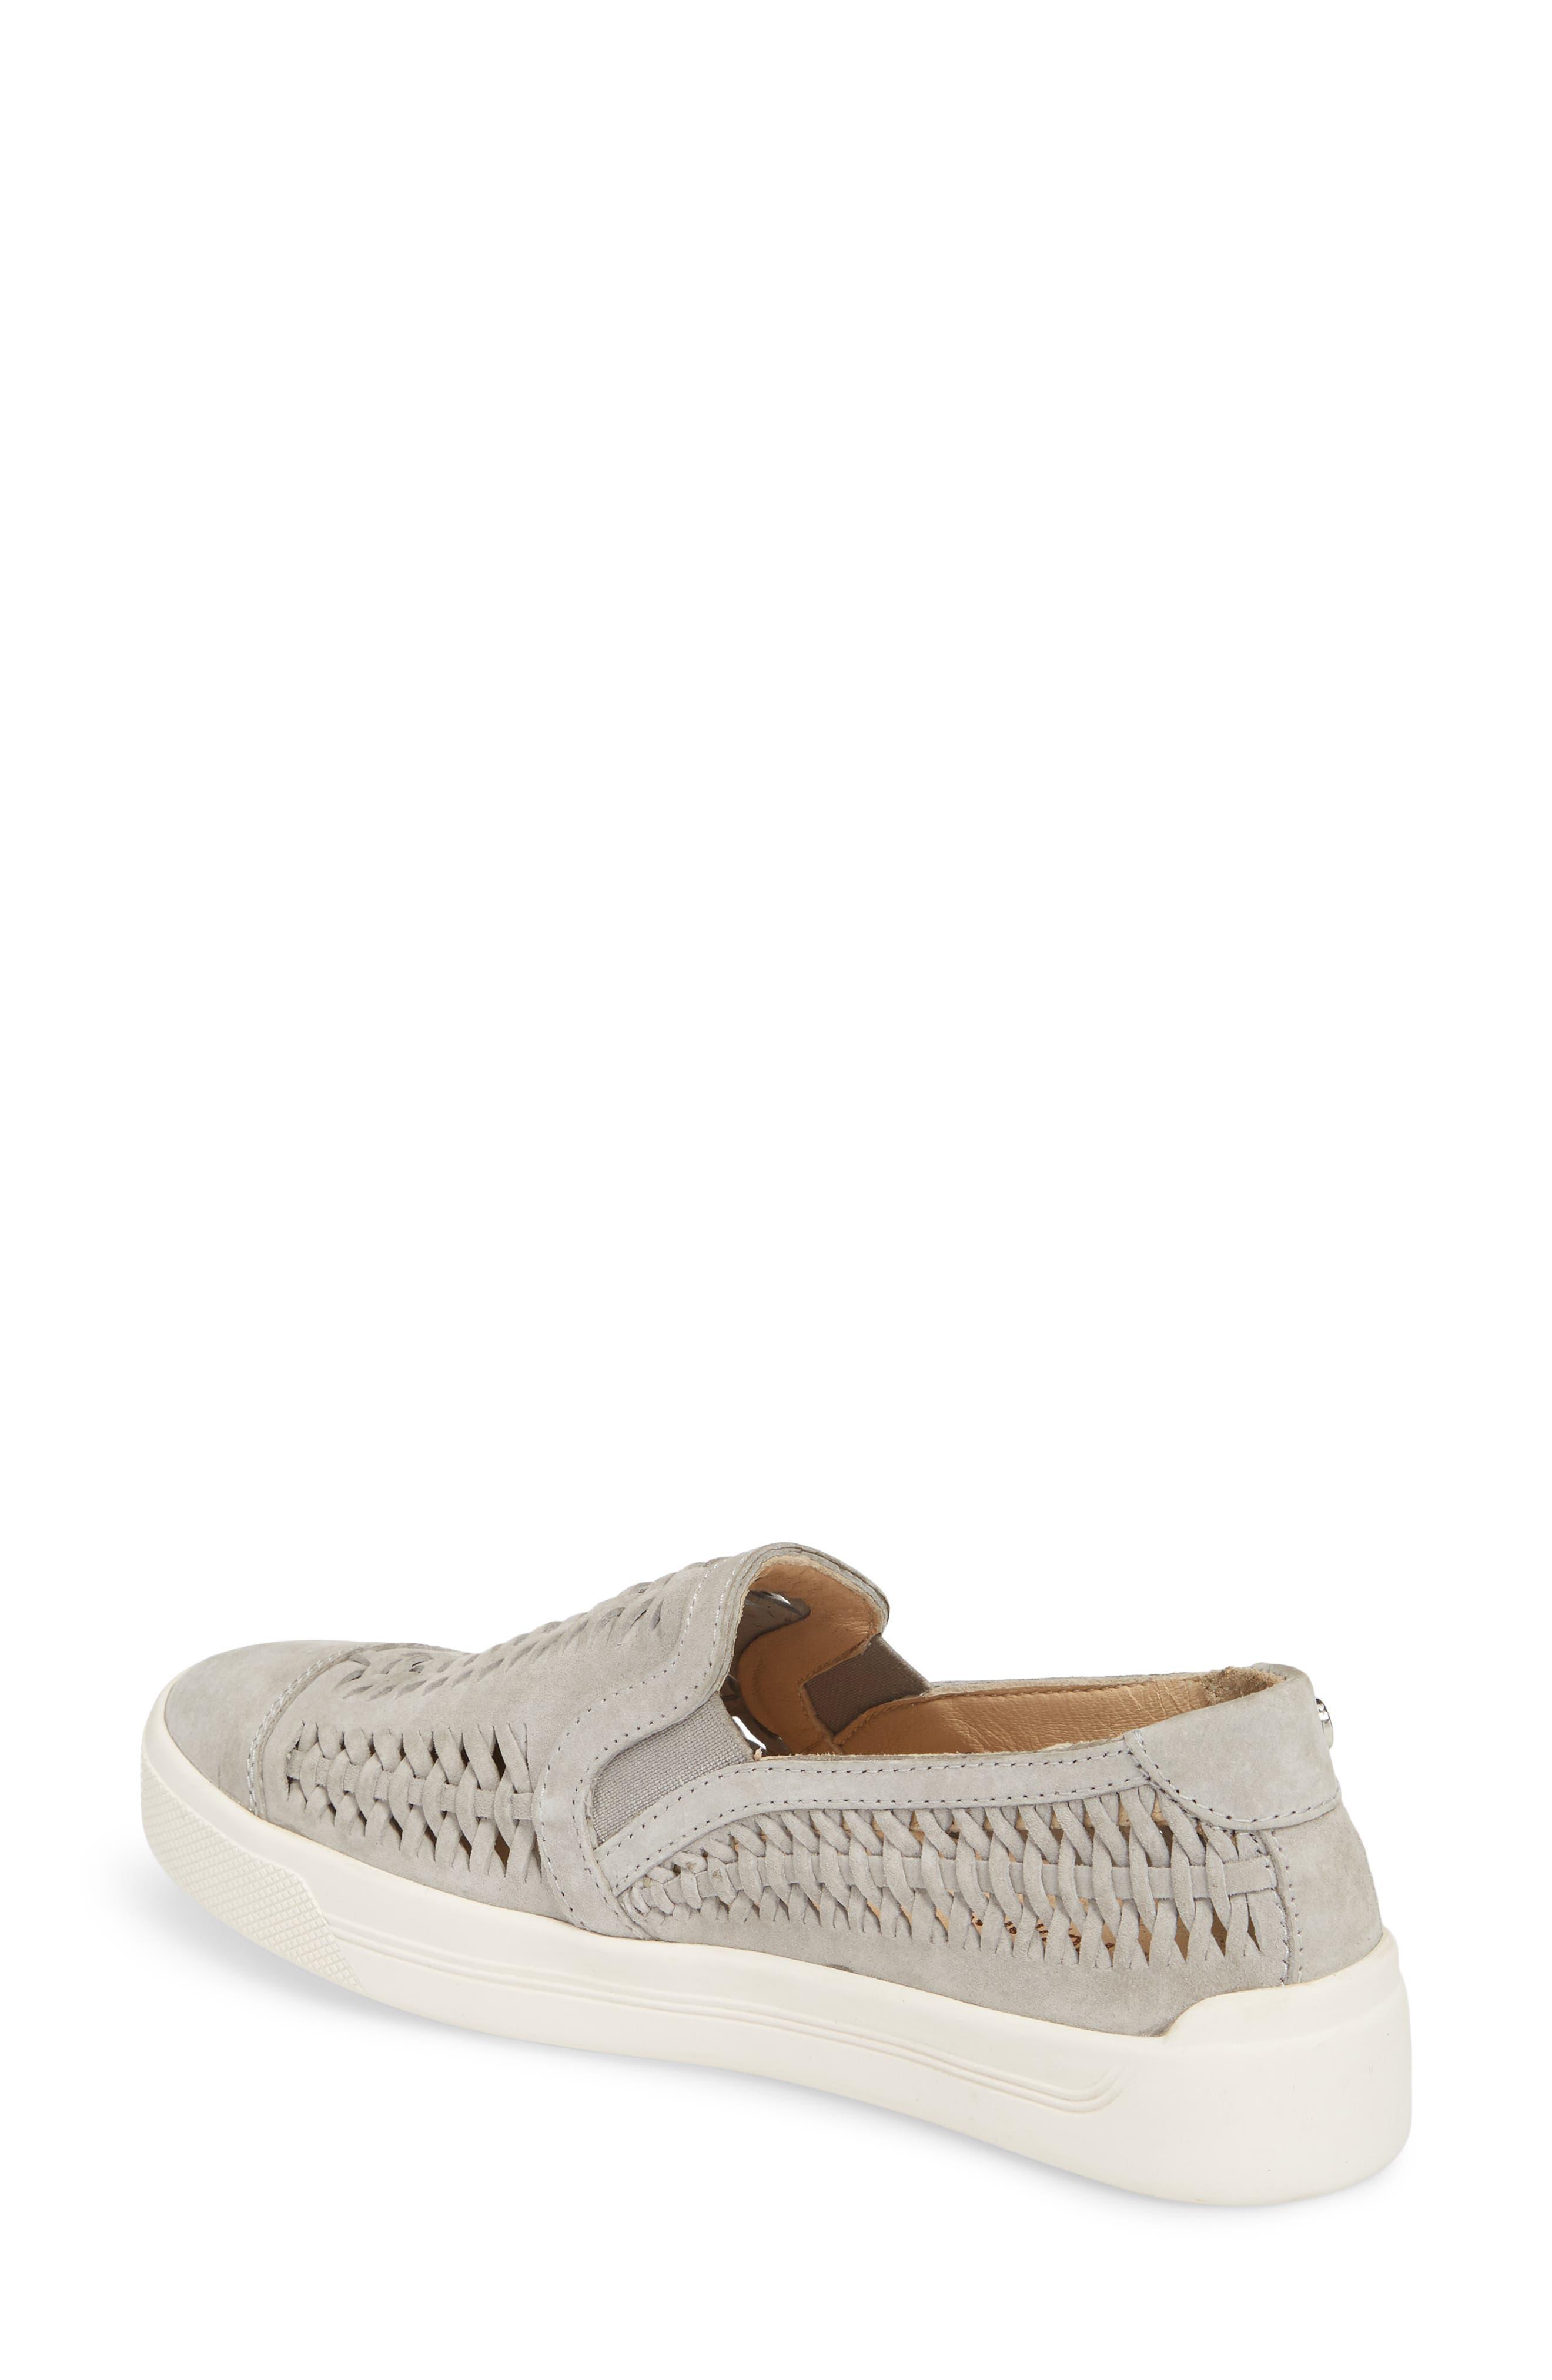 Gabbie Slip-On Sneaker,                             Alternate thumbnail 2, color,                             025